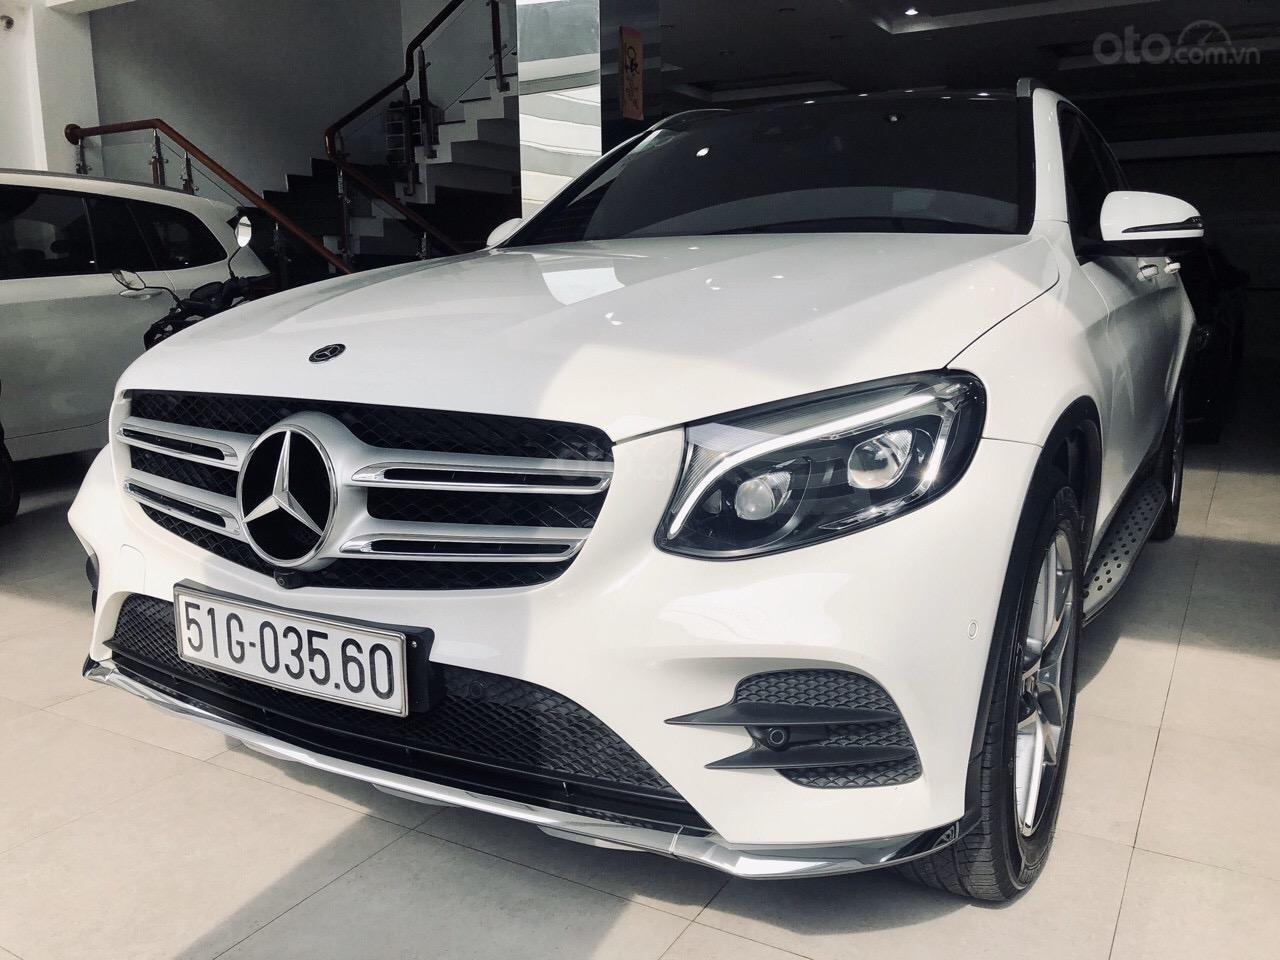 Bán GLC300 SX 2018 model 2019, xe đẹp màu trắng nội thất nâu, cam kết bao kiểm tra tại hãng (1)